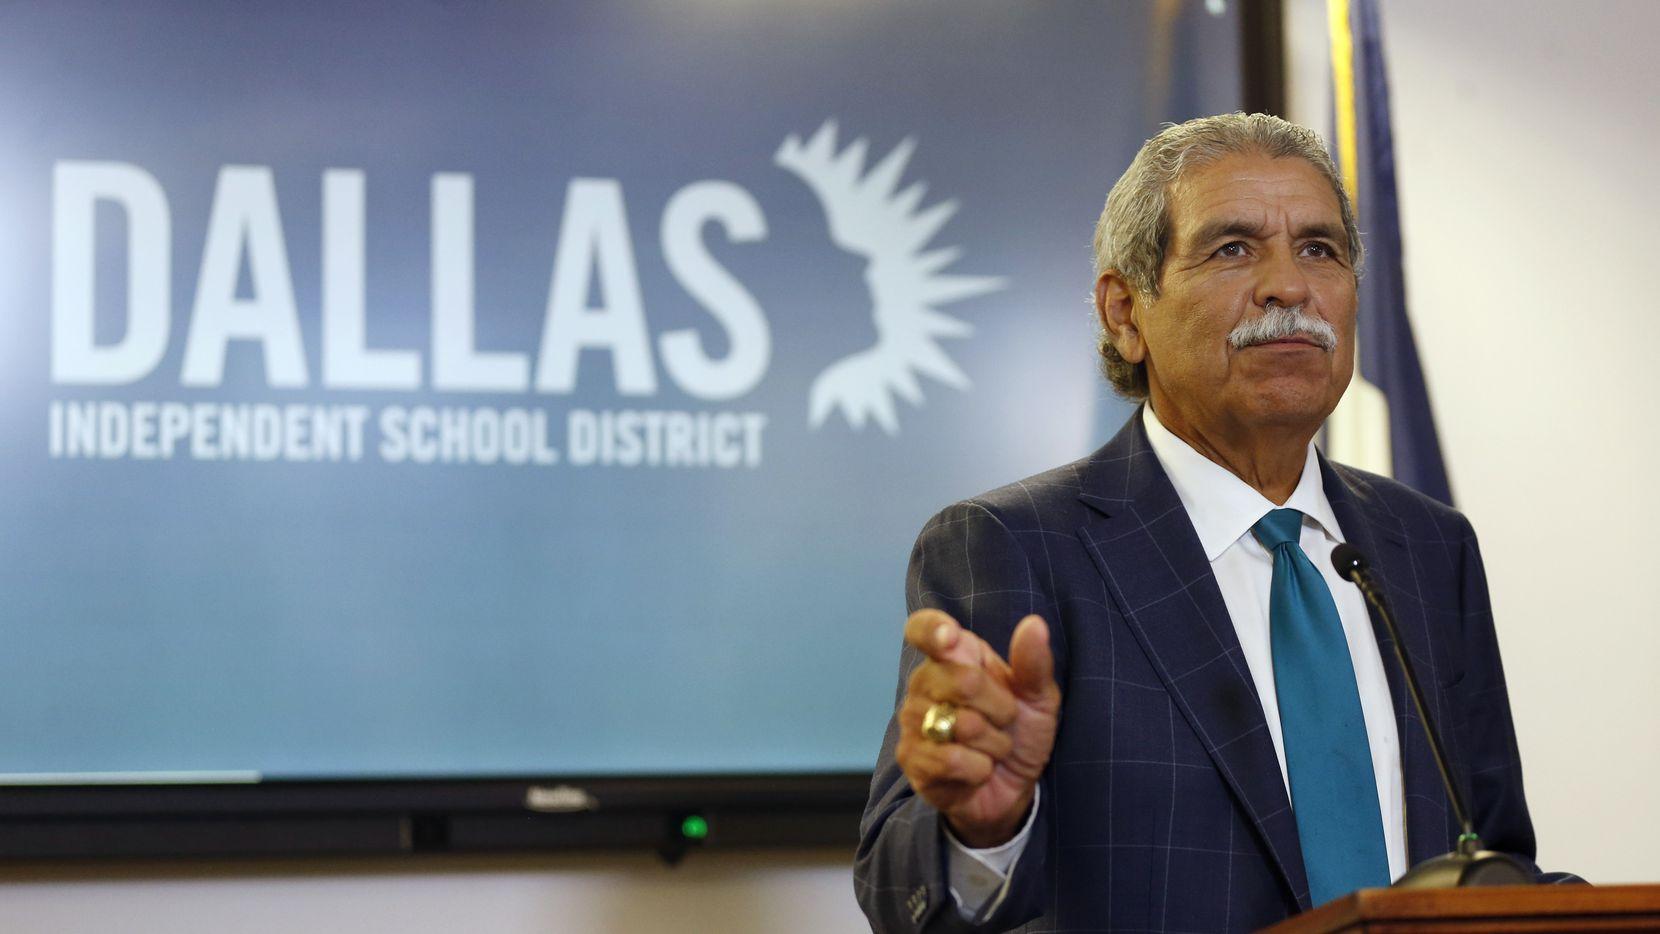 El superintendente Michael Hinojosa anunció el jueves que las clases en el distrito serán virtuales al menos hasta octubre.